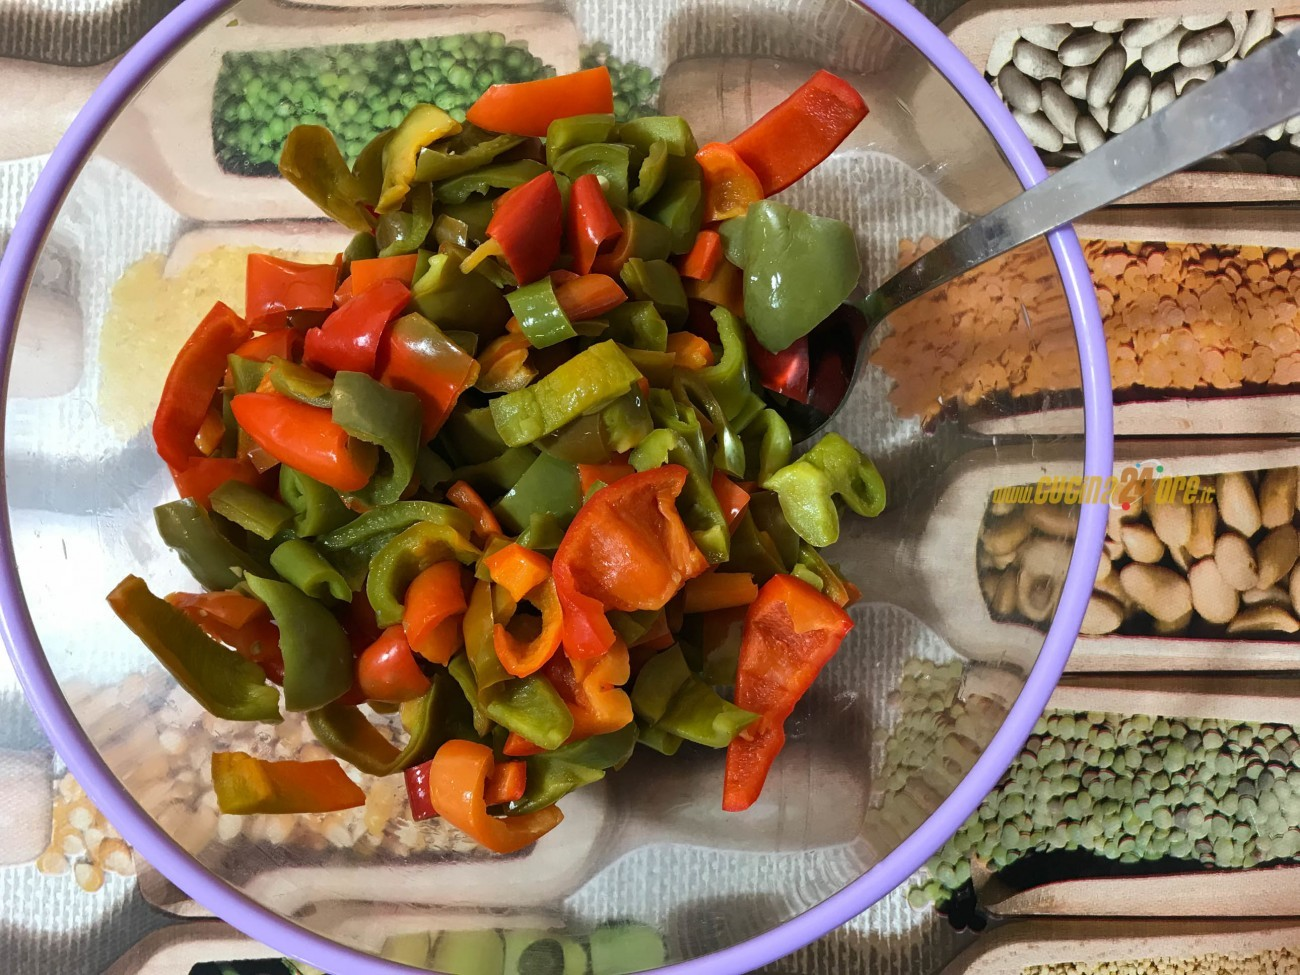 Peperoni Al Microonde In 9 Minuti Pronti Da Congelare E 9 Idee Velocissime Per Utilizzarli Ricette Di Cucina